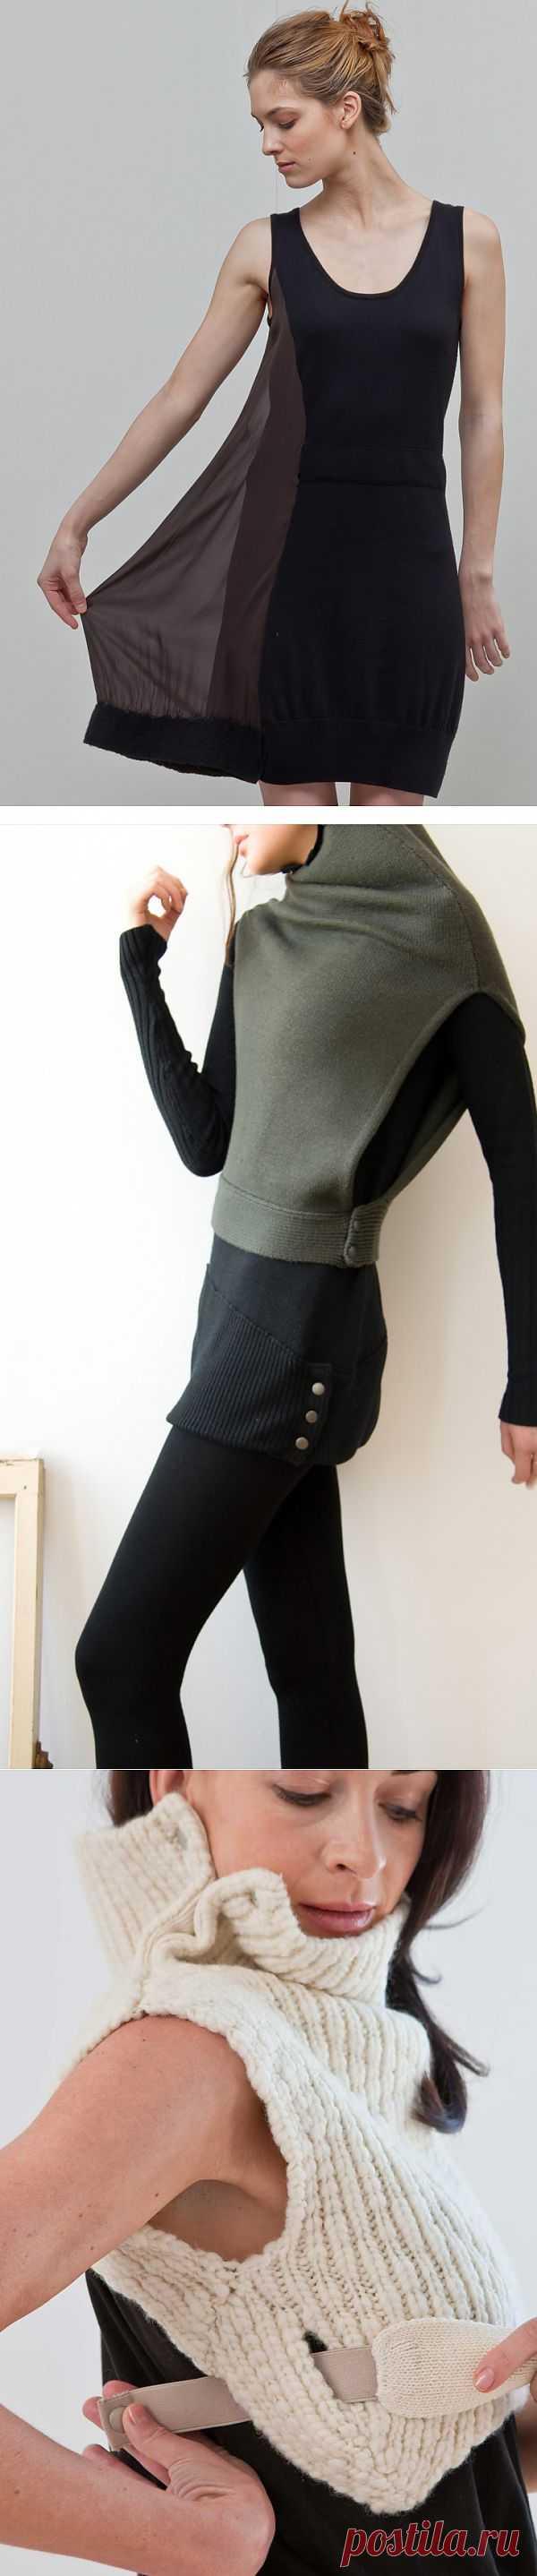 Нашествие трансформеров / Трансформеры / Модный сайт о стильной переделке одежды и интерьера